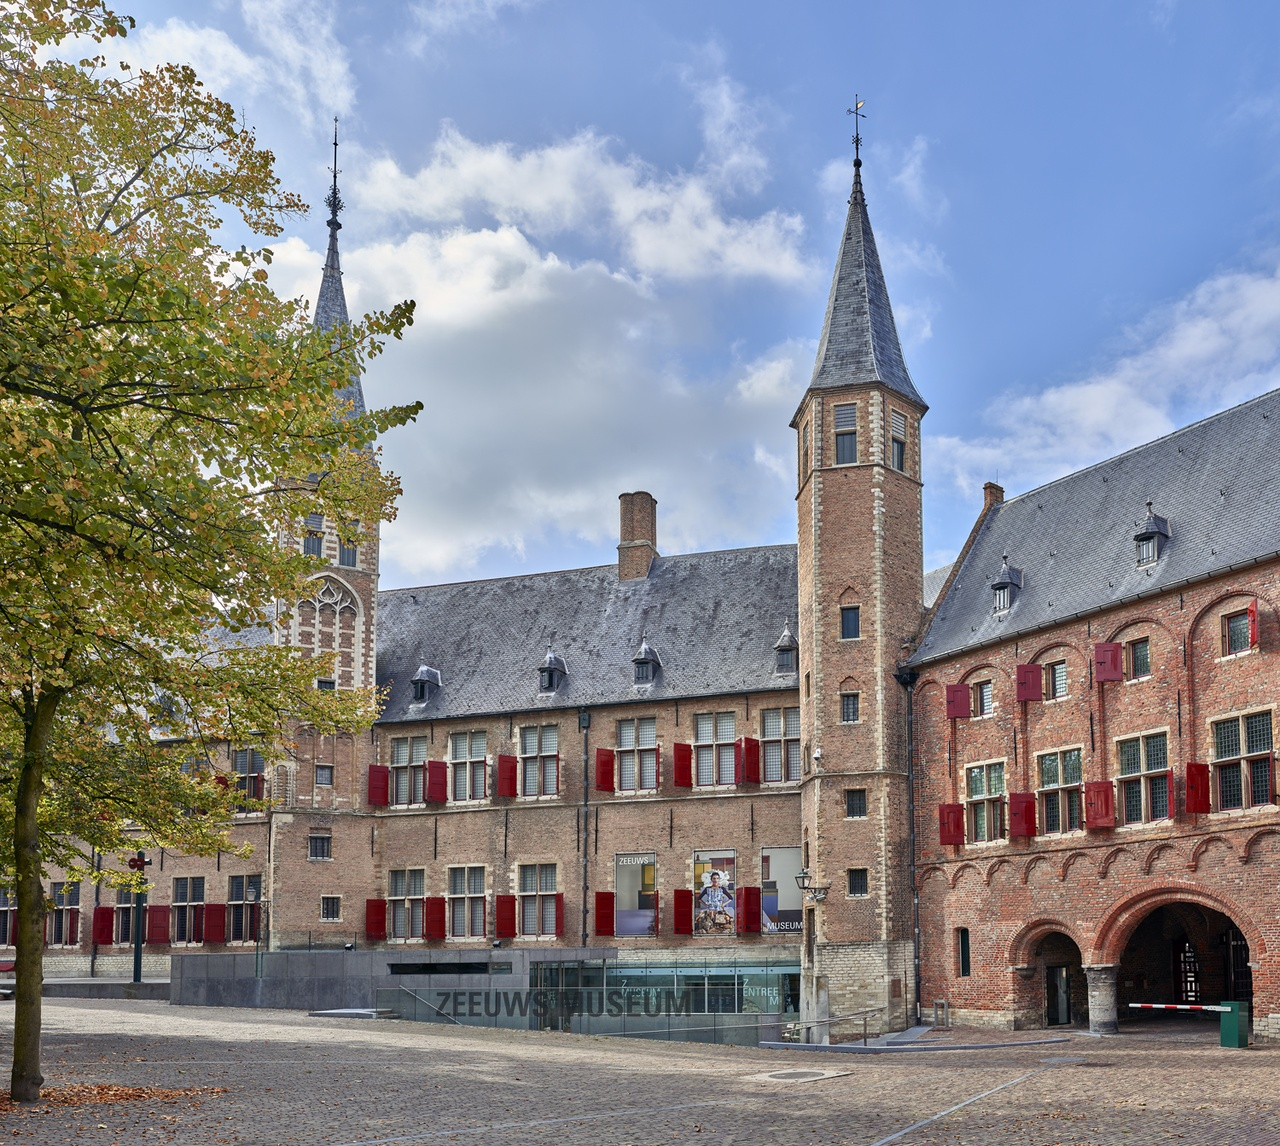 Zeeuws Museum- Fotografie Pim Top.jpg